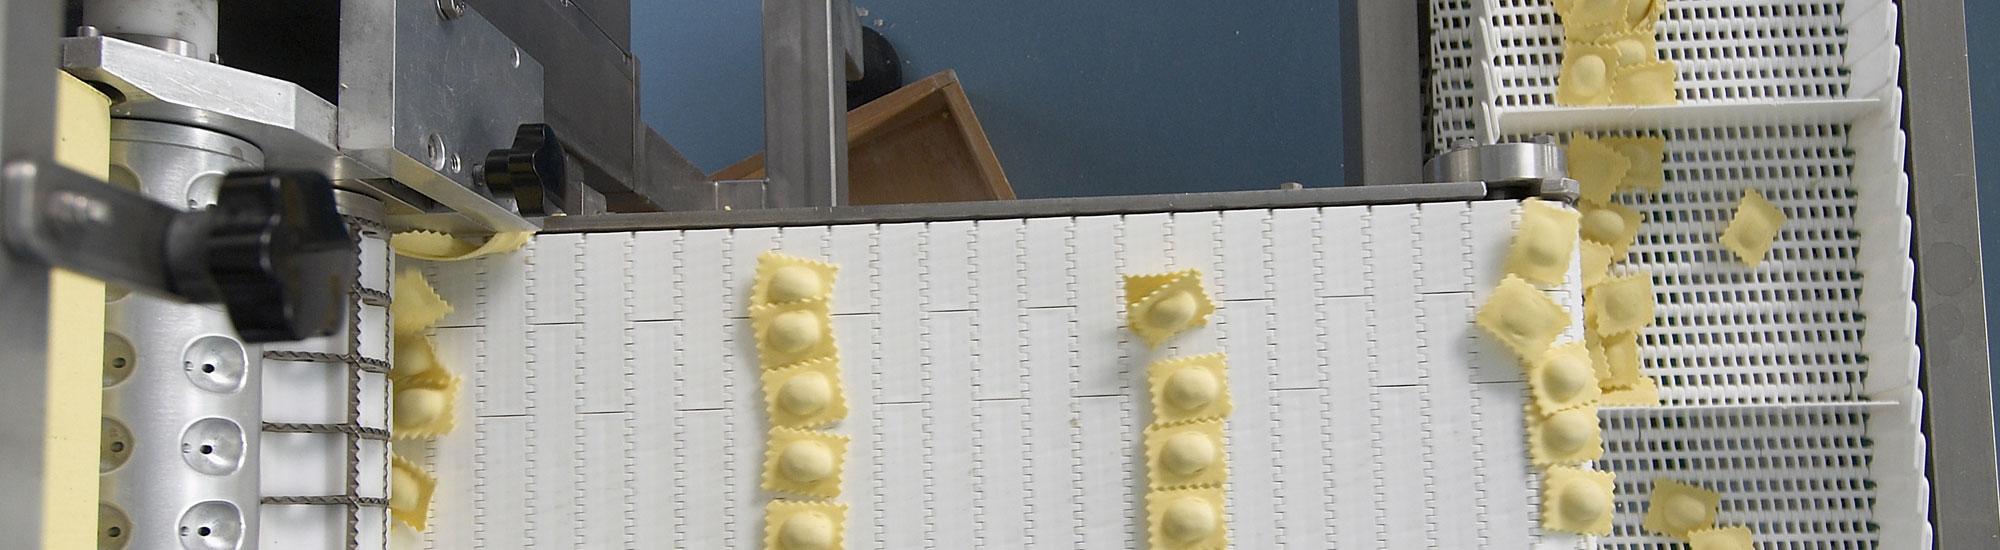 distribuzione di pasta fresca all'uovo